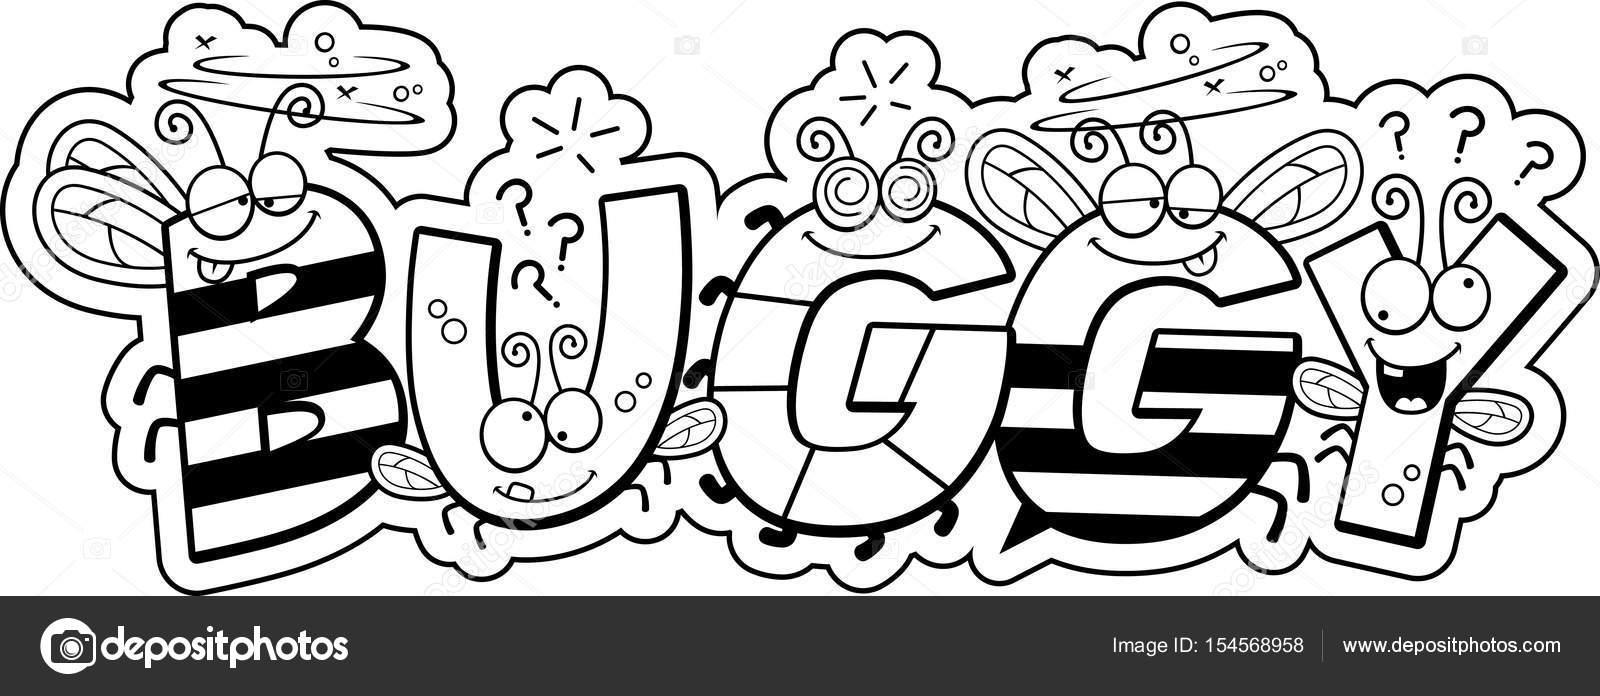 texto de buggy dos desenhos animados vetores de stock cthoman